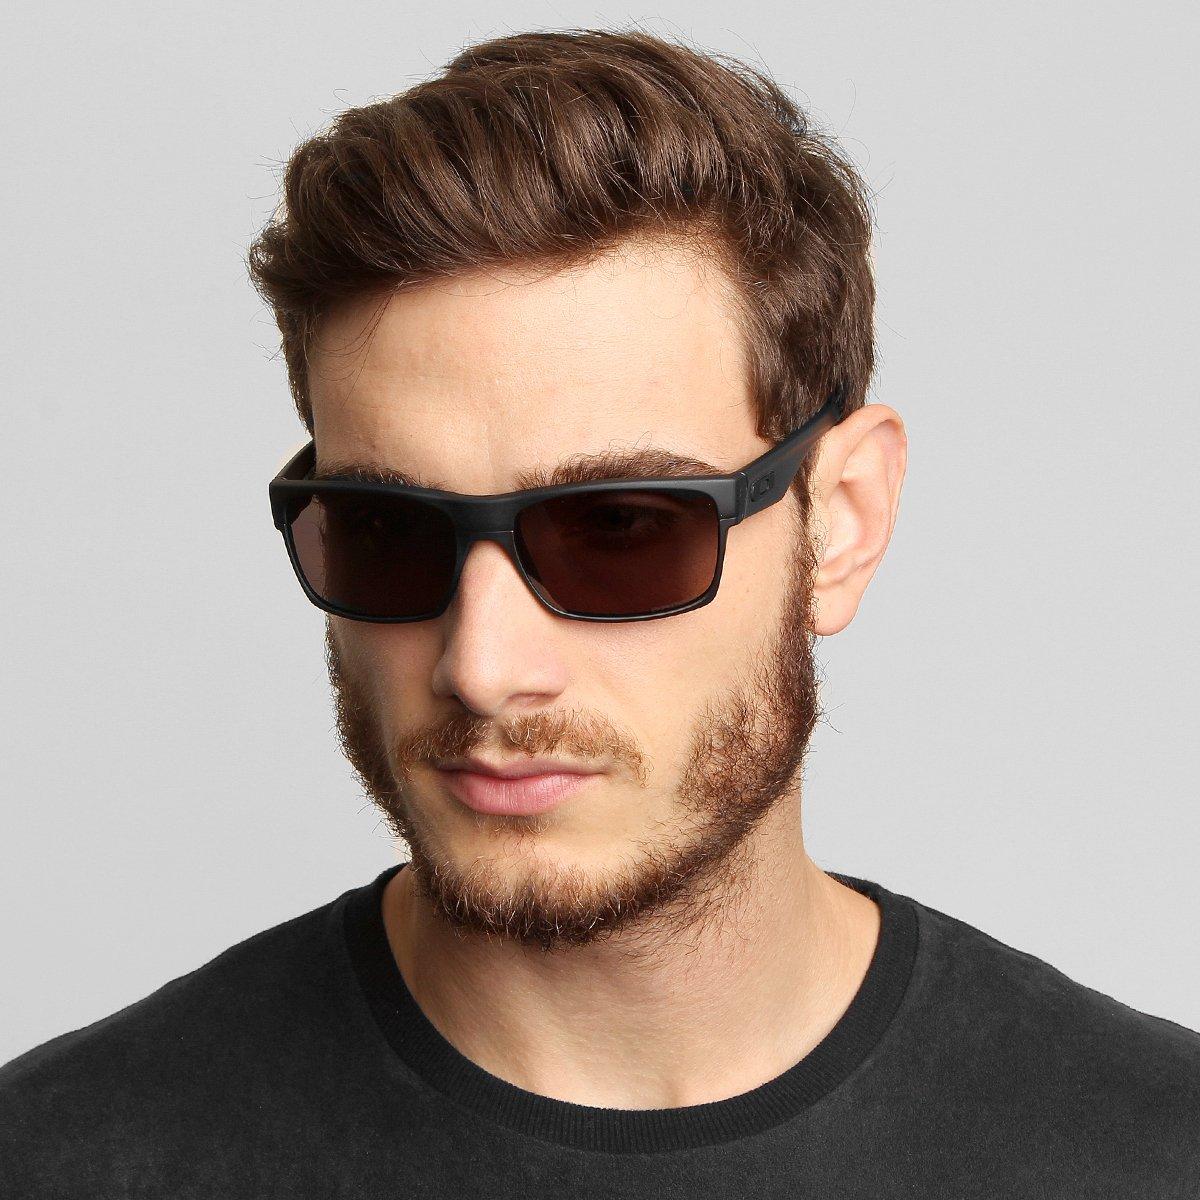 c73ca79314e76 Óculos Oakley Two Face Covert Matte - Prizm Daily Polarizado ...